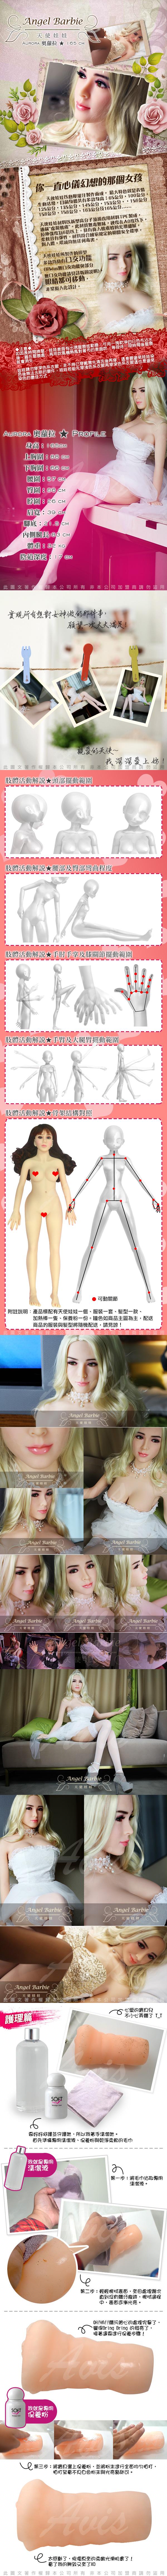 現貨供應 天使娃娃 真人矽膠娃娃 1:1非充氣 帶骨骼真人版 陰交+肛交+口交 (外國臉龐) Aurora奧蘿拉 165cm